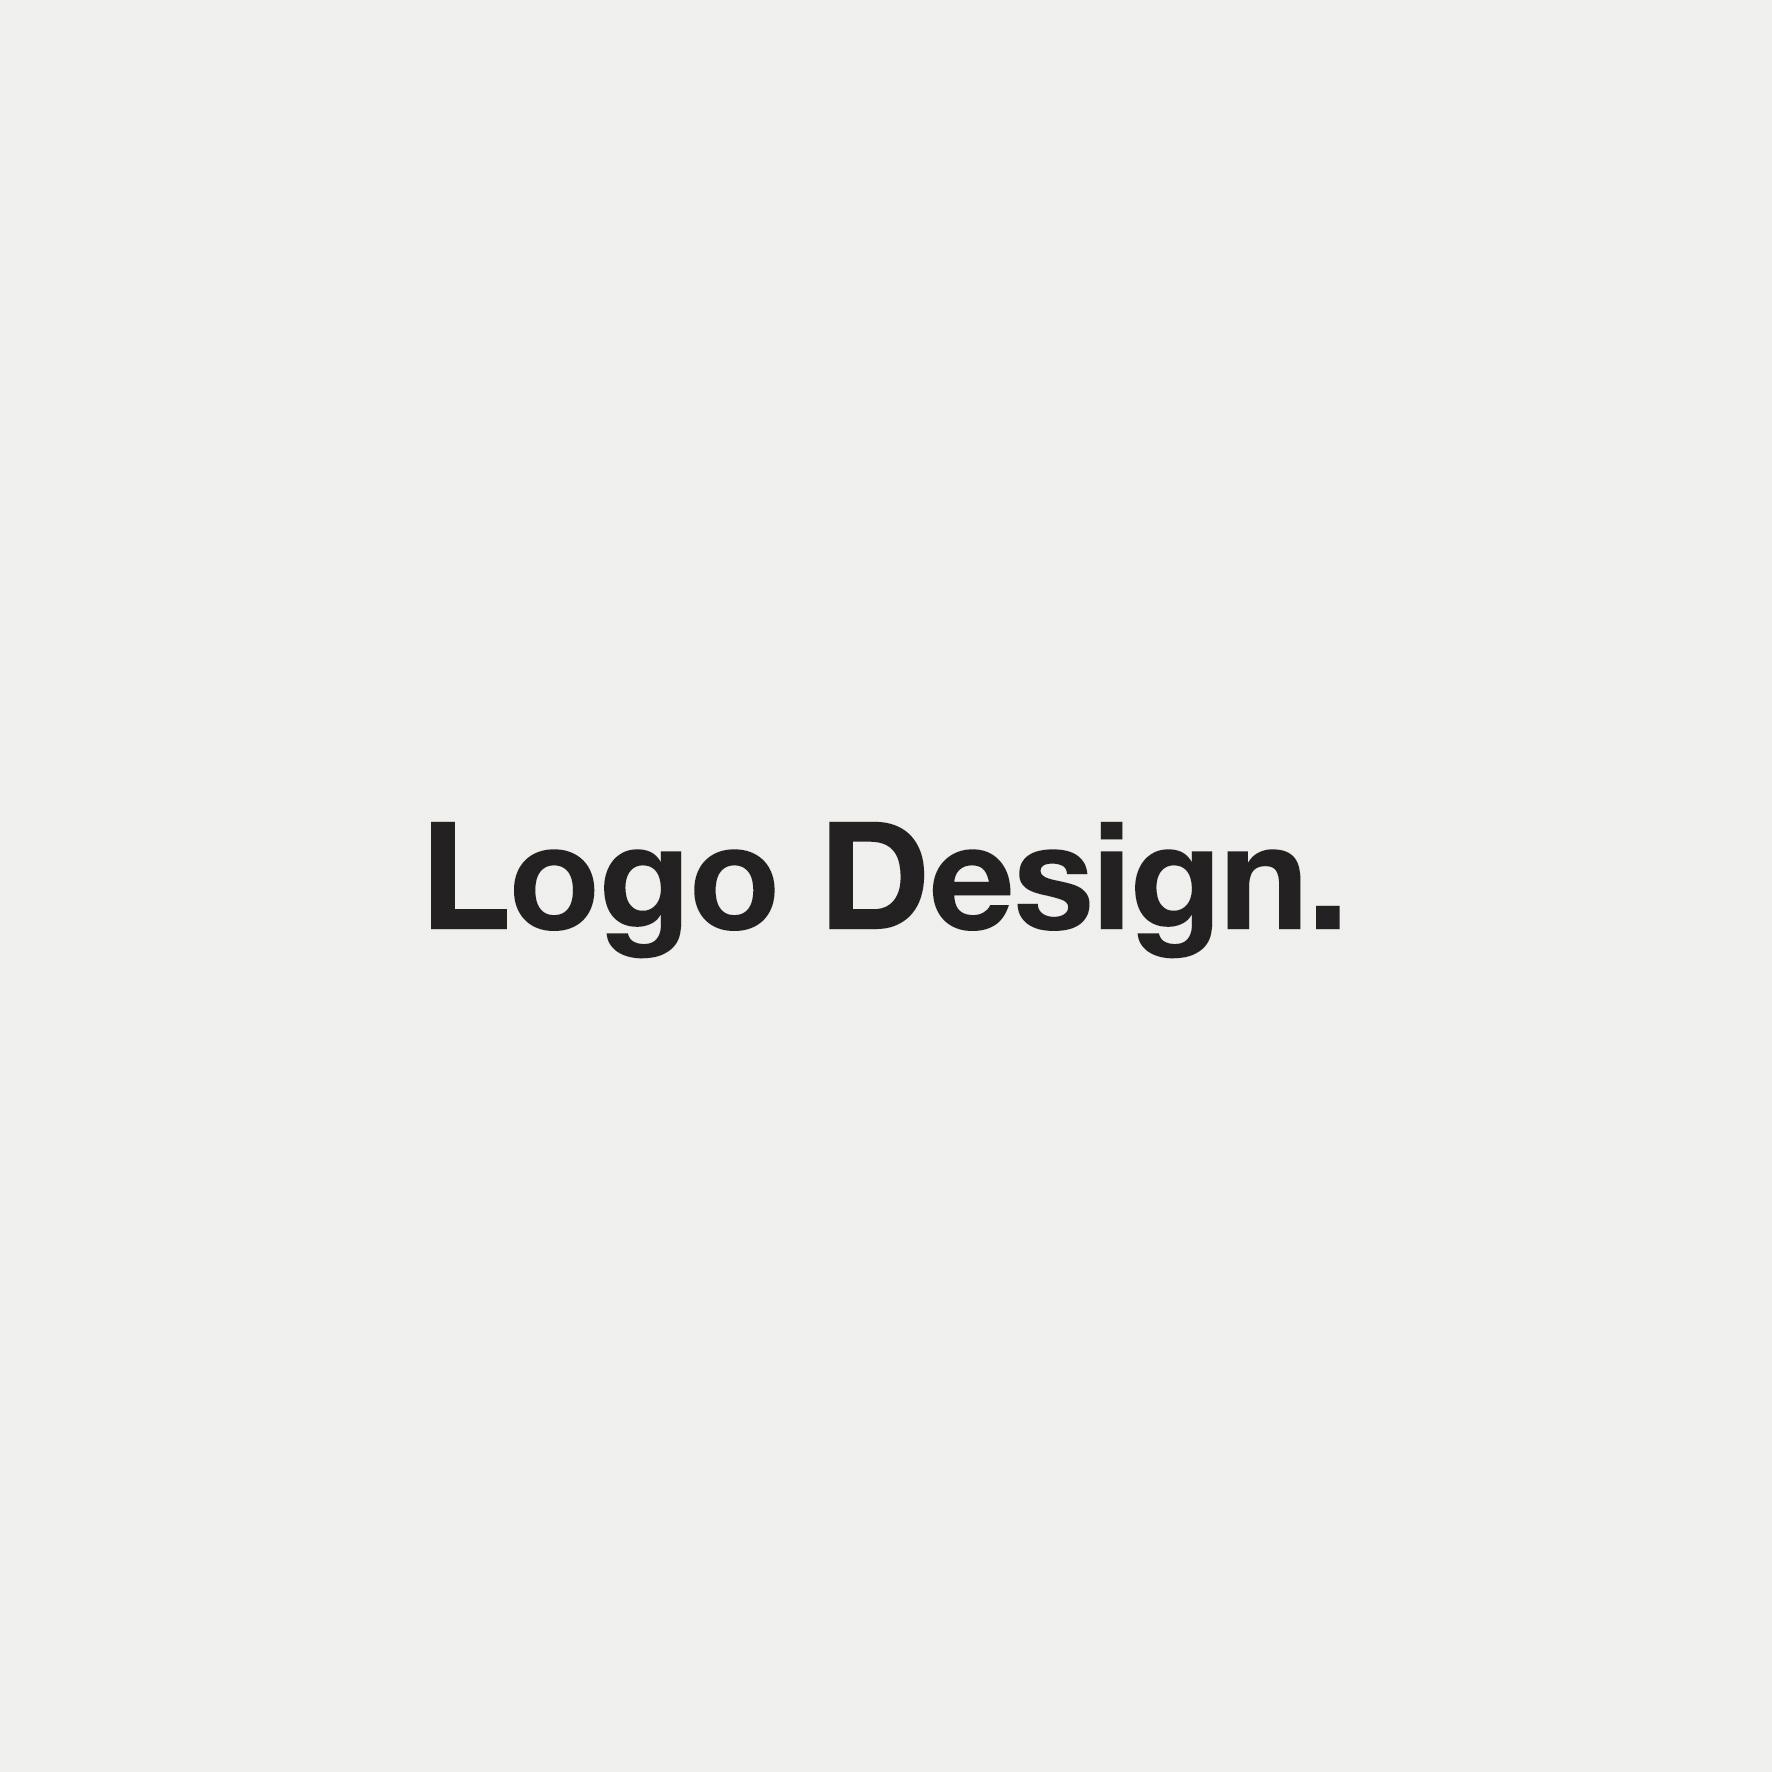 Design - Logo Thumbnail.jpg